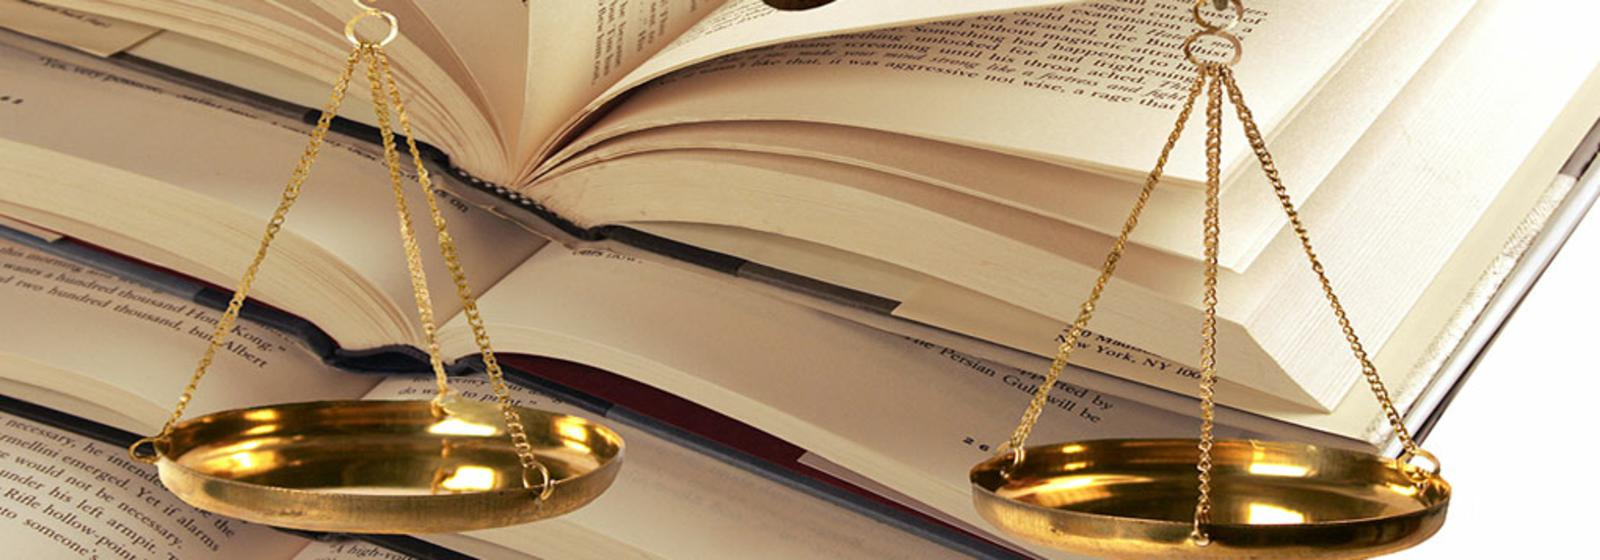 Publica Tus Propios Artículos